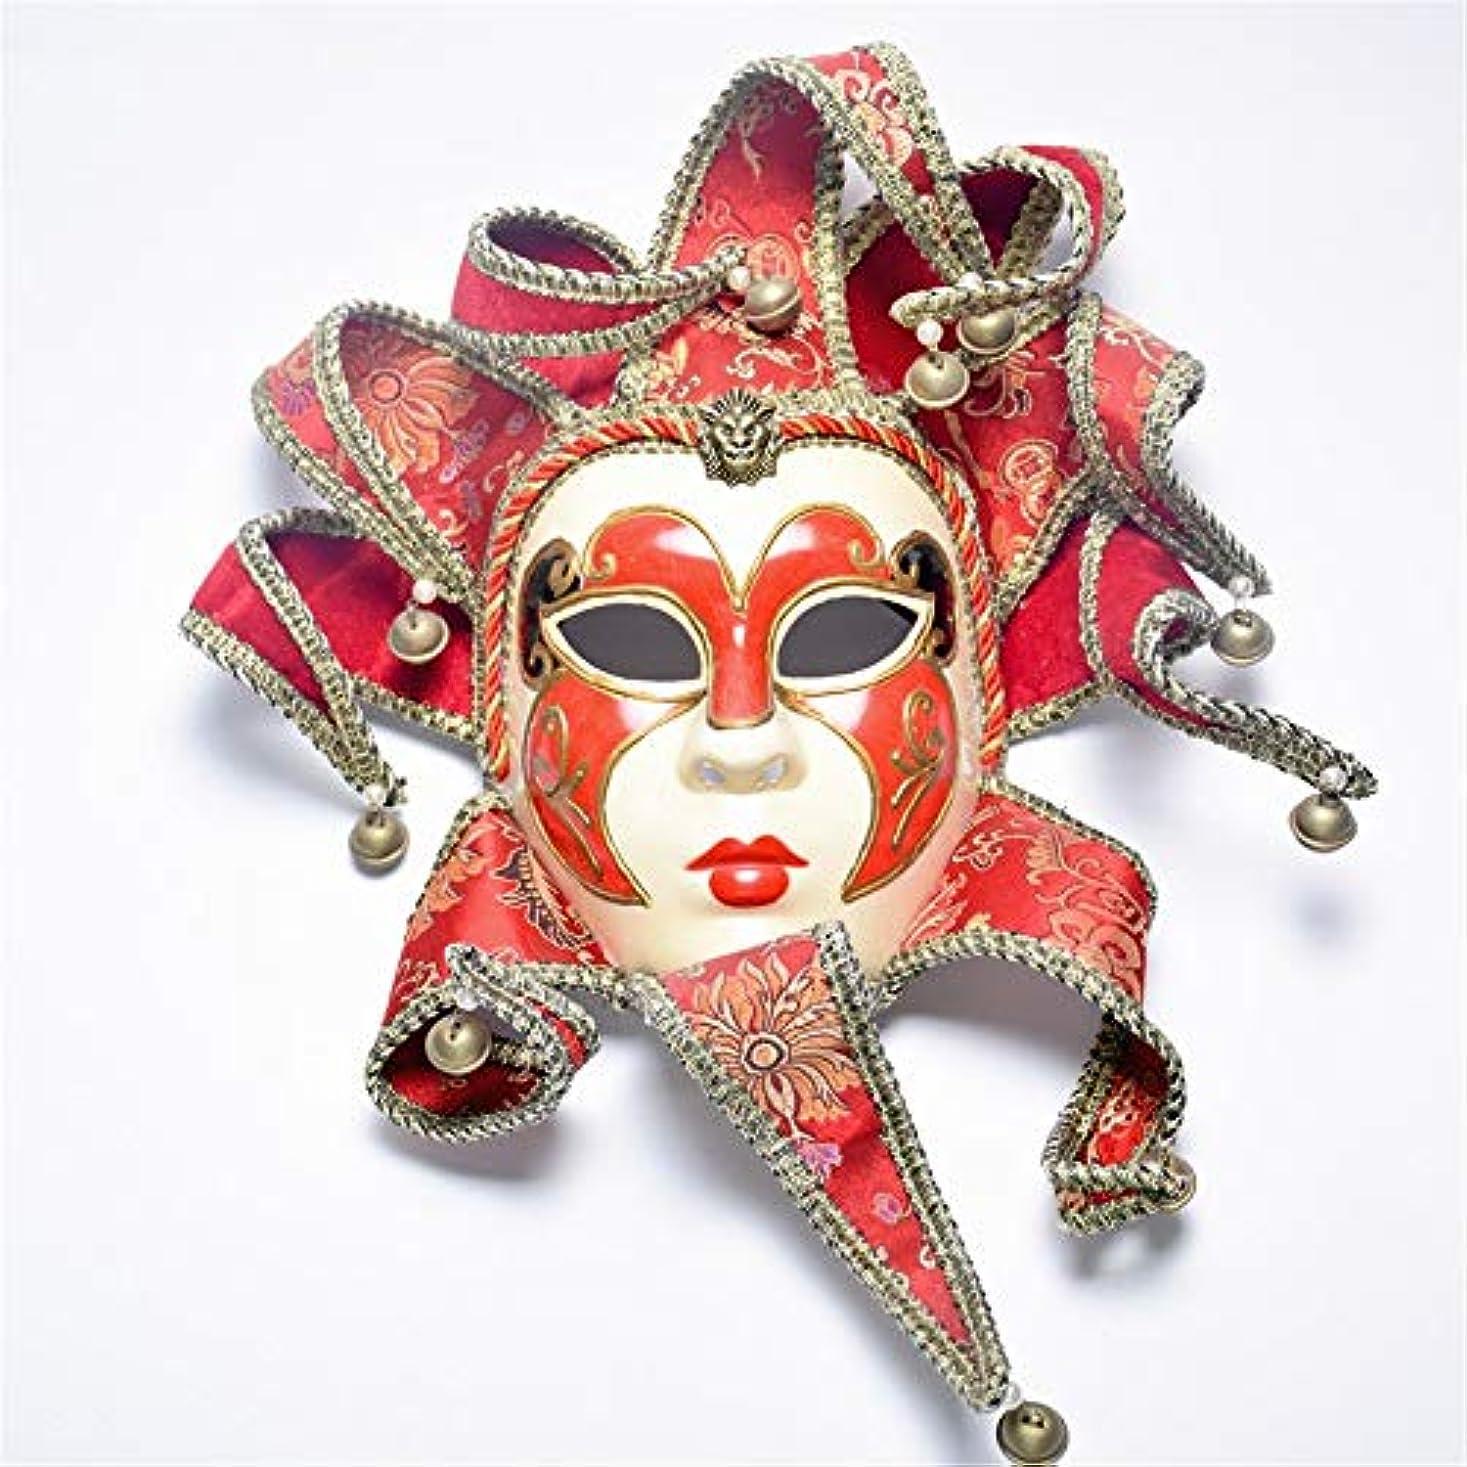 おなかがすいたプレゼンタースクラップダンスマスク フルフェイスマスク高級パーティーベルマスク女性マスククリスマスフェスティバルロールプレイングプラスチックマスク ホリデーパーティー用品 (色 : 赤, サイズ : 49x29cm)